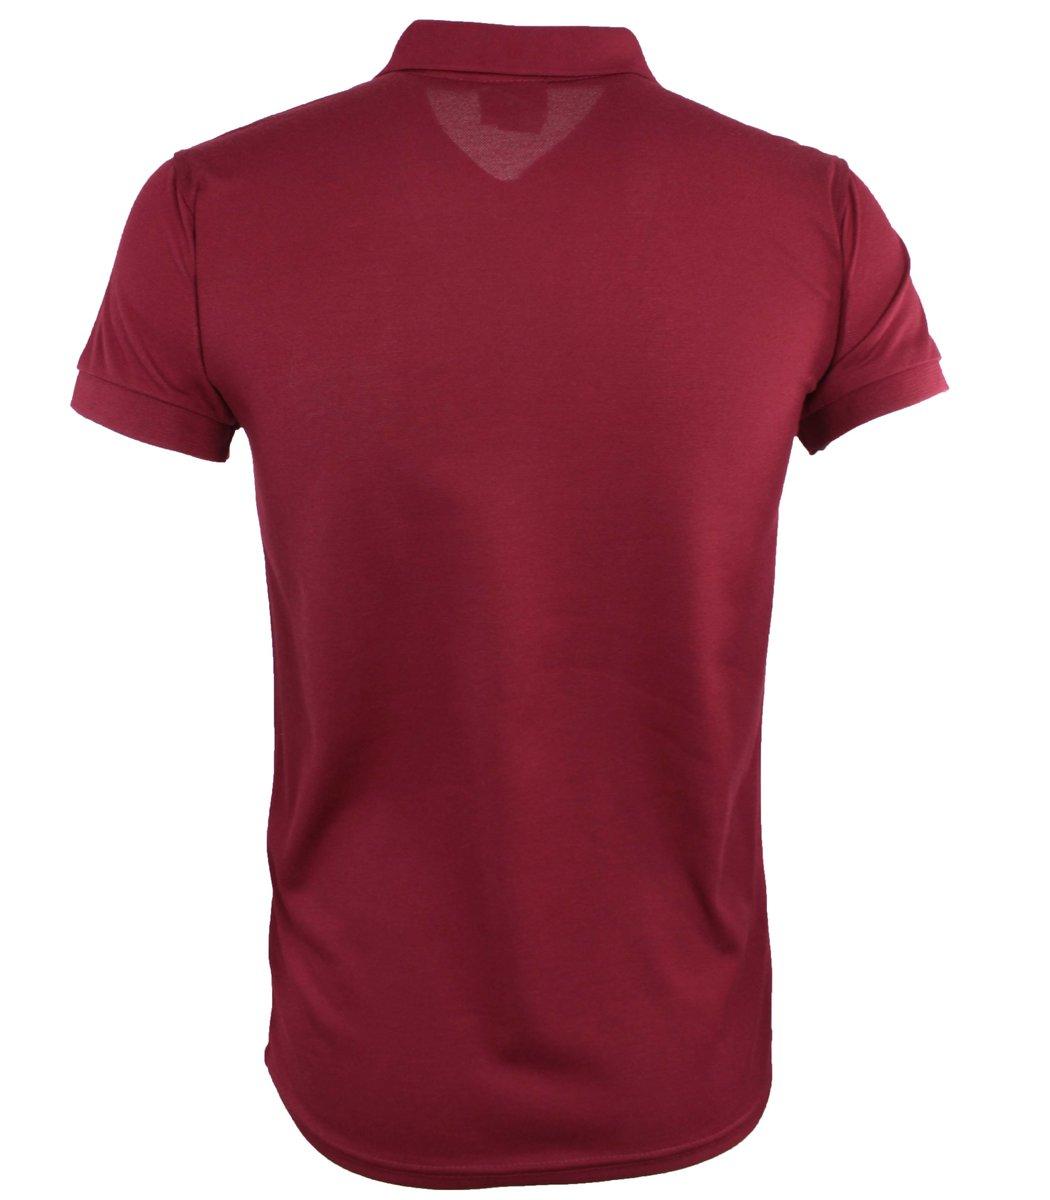 Бордовая футболка поло Lacoste FR